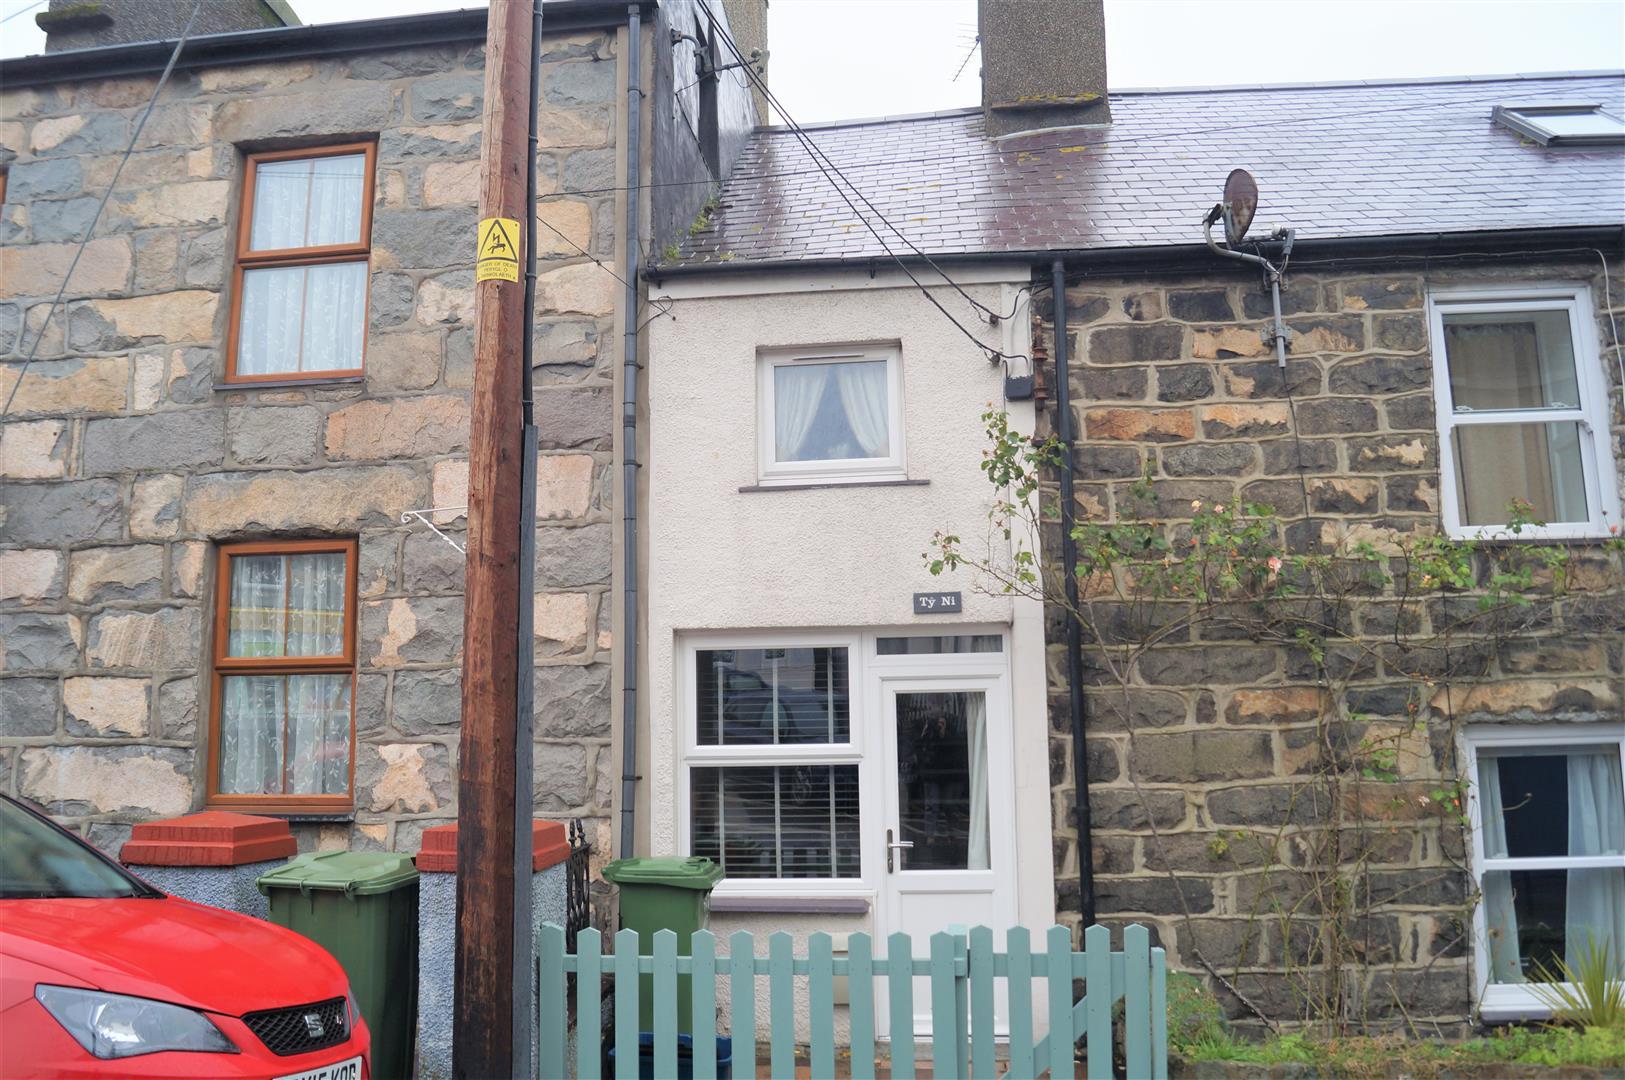 Stryd Y Plas, Nefyn, Pwllheli - £72,500